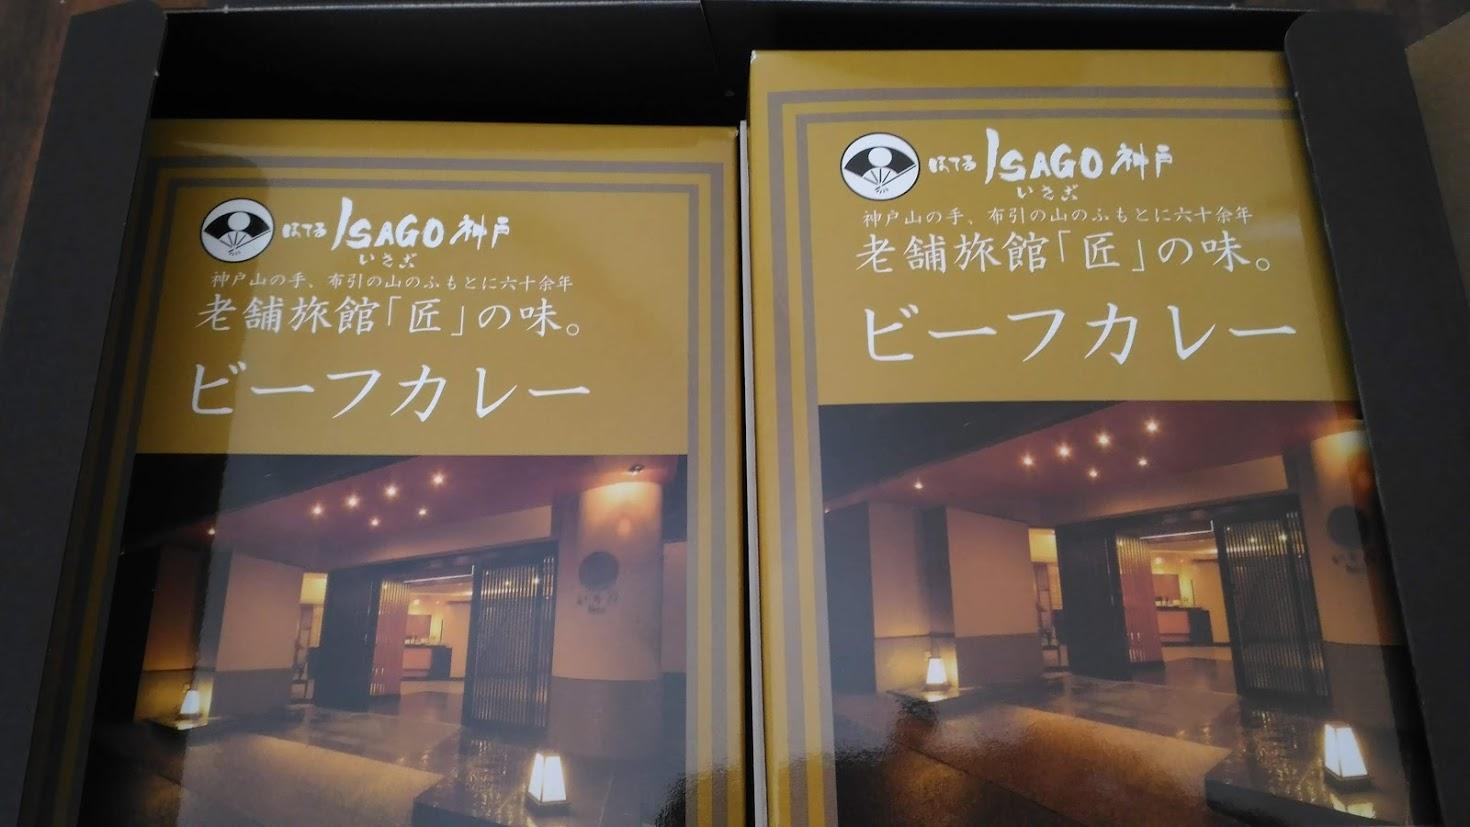 KDDIの株主優待カレー(ISAGO神戸)